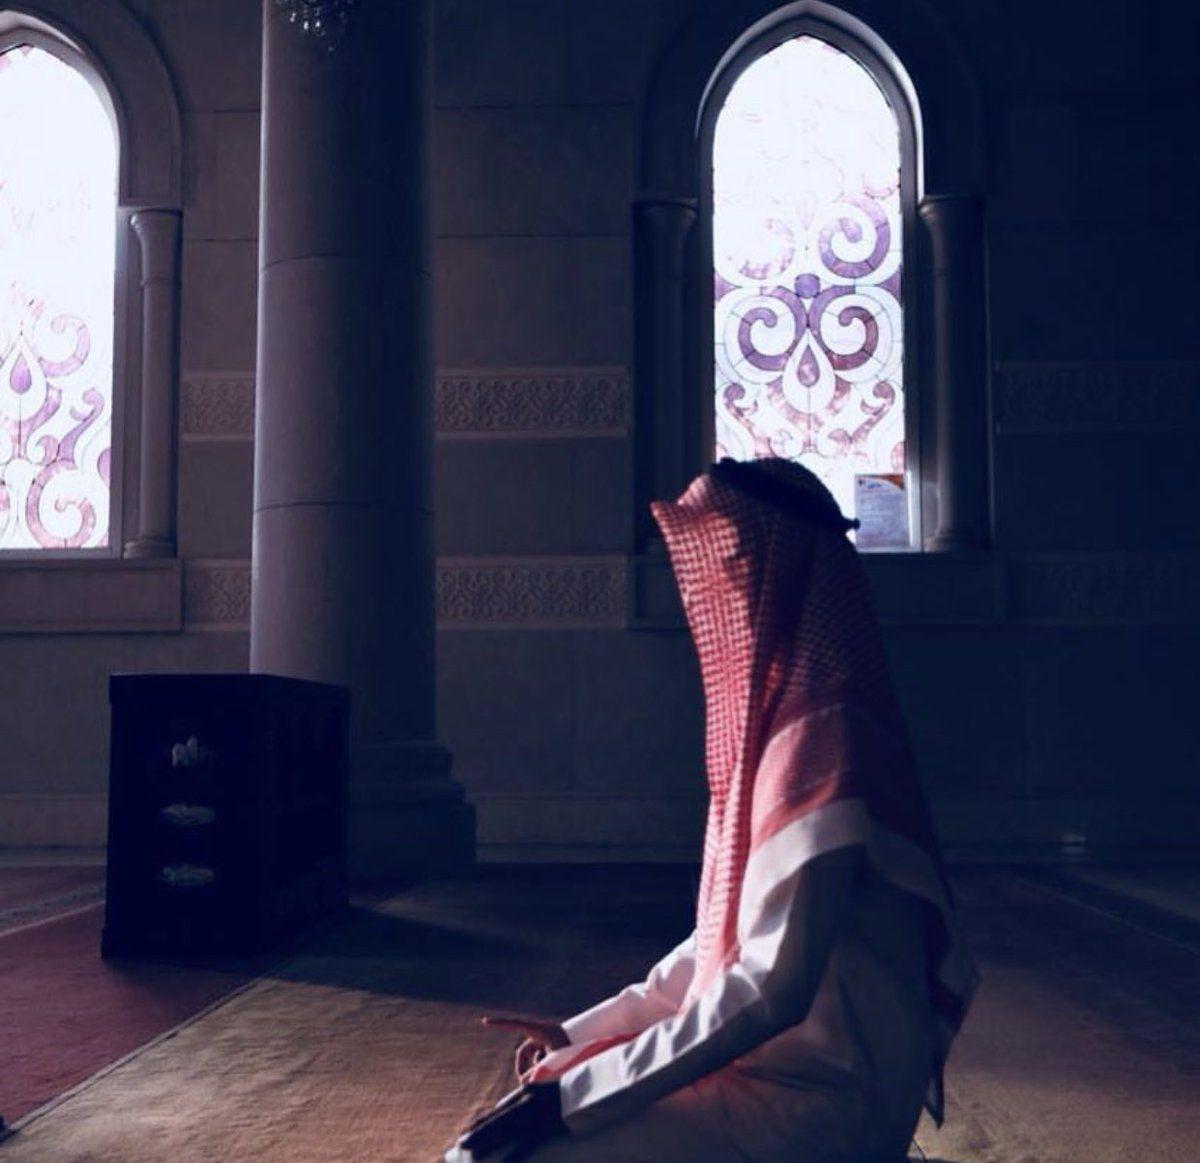 Pin By Demelza On Islam Islam